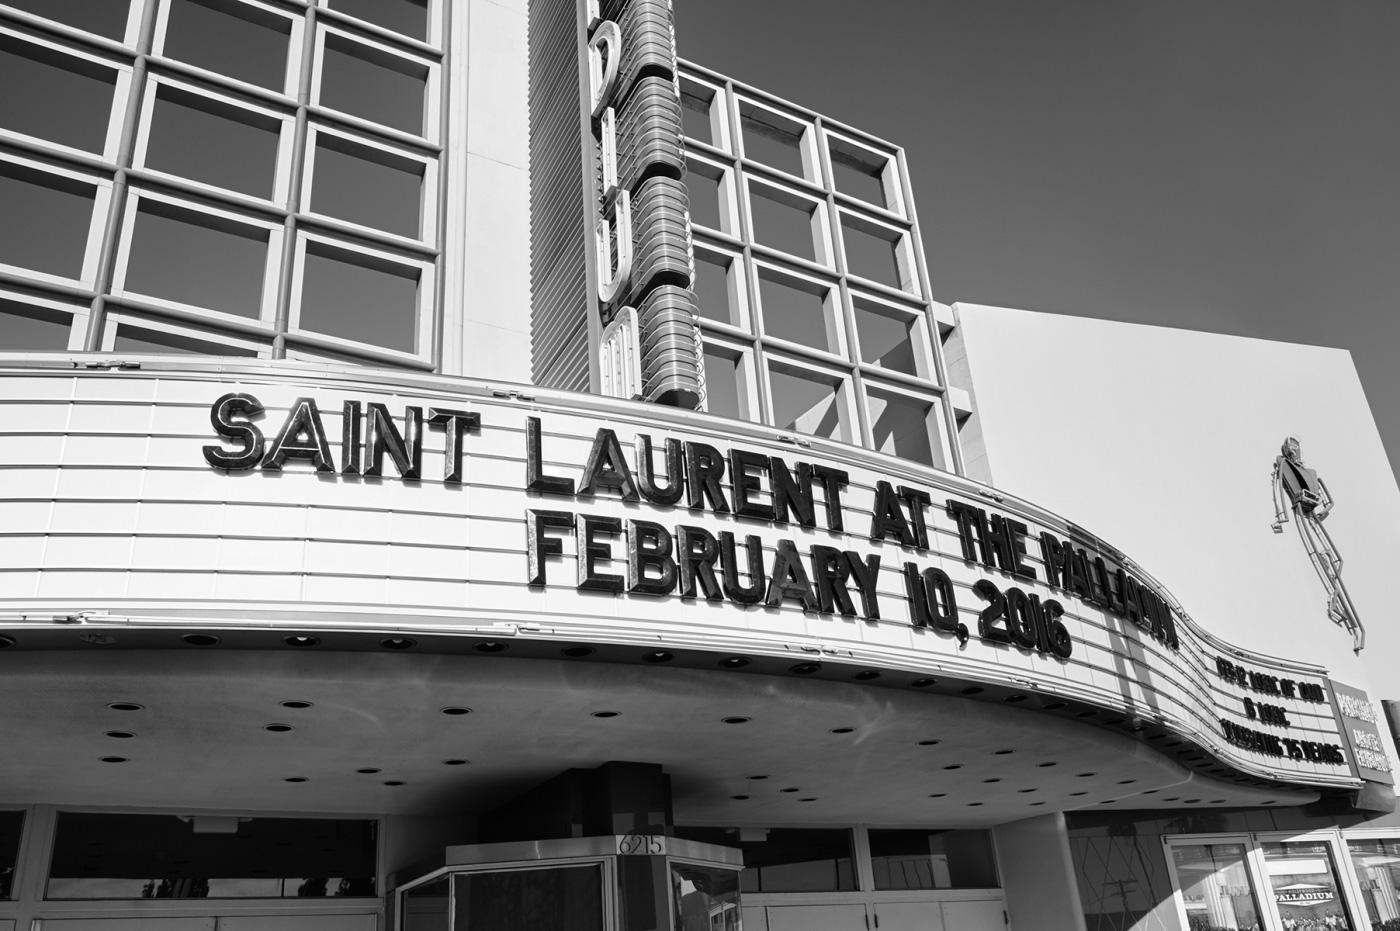 SAINT_LAURENT_AT_THE_PALLADIUM_02_WEB